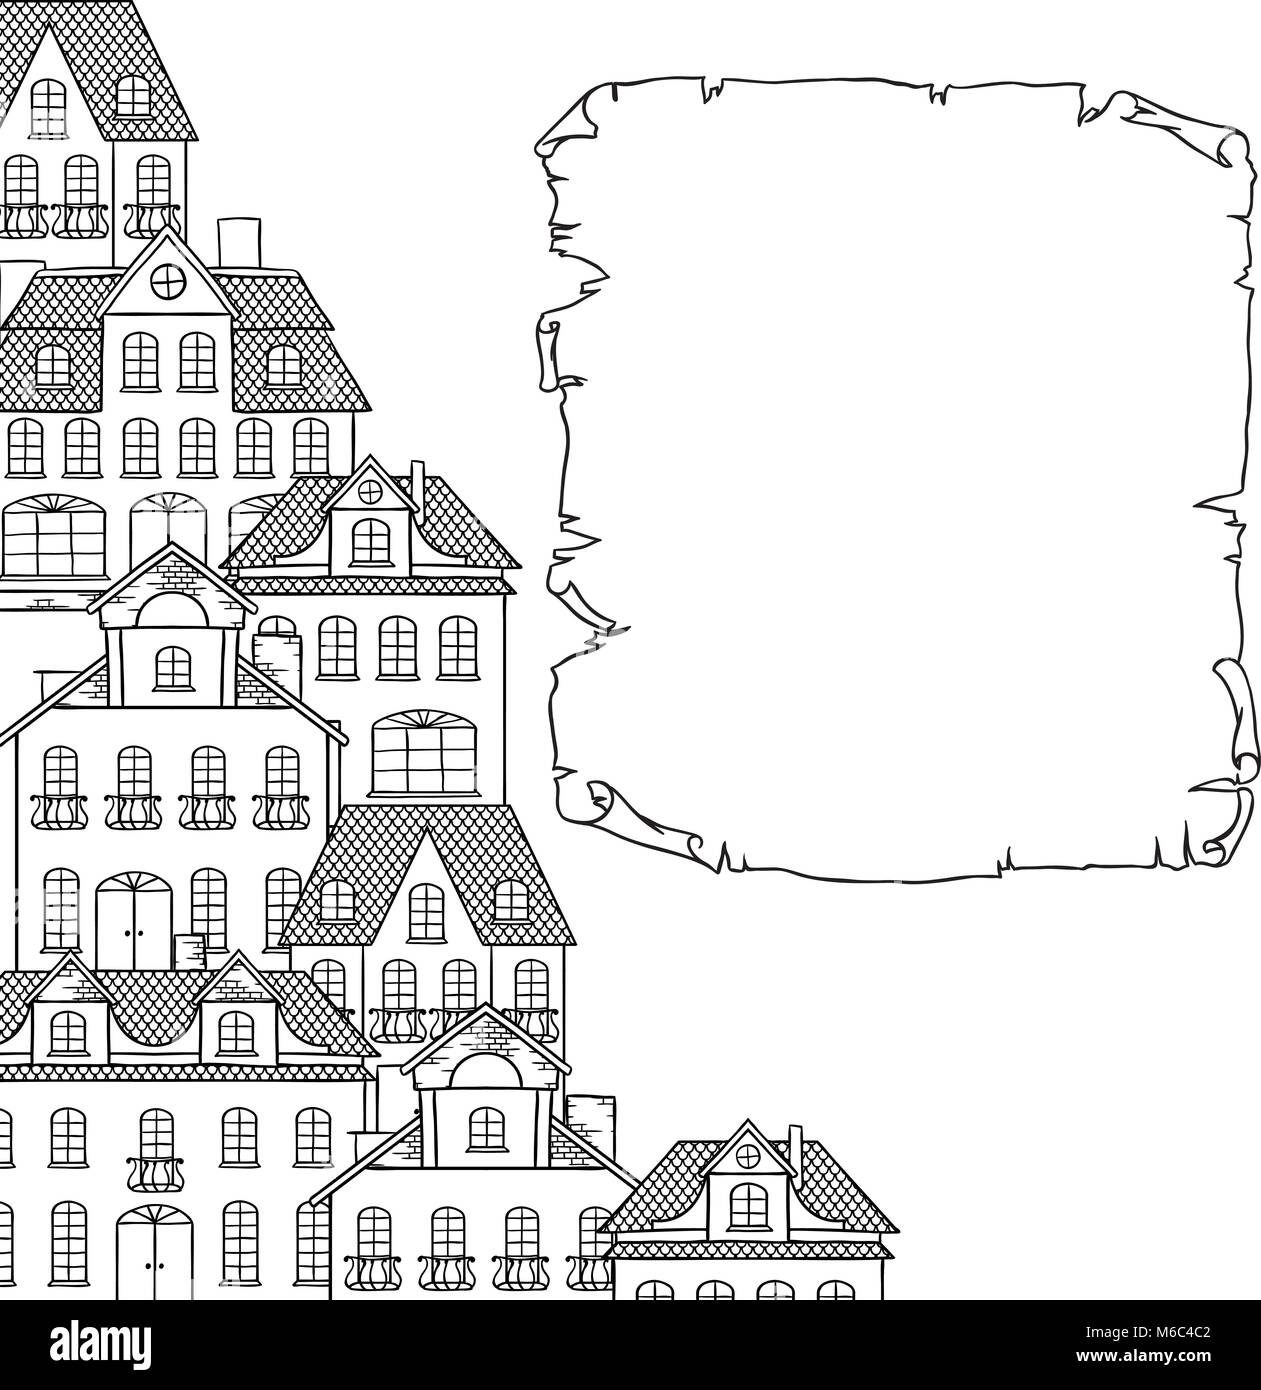 Stadt Skizze Hauser Hintergrund Fur Ihr Design Vektor